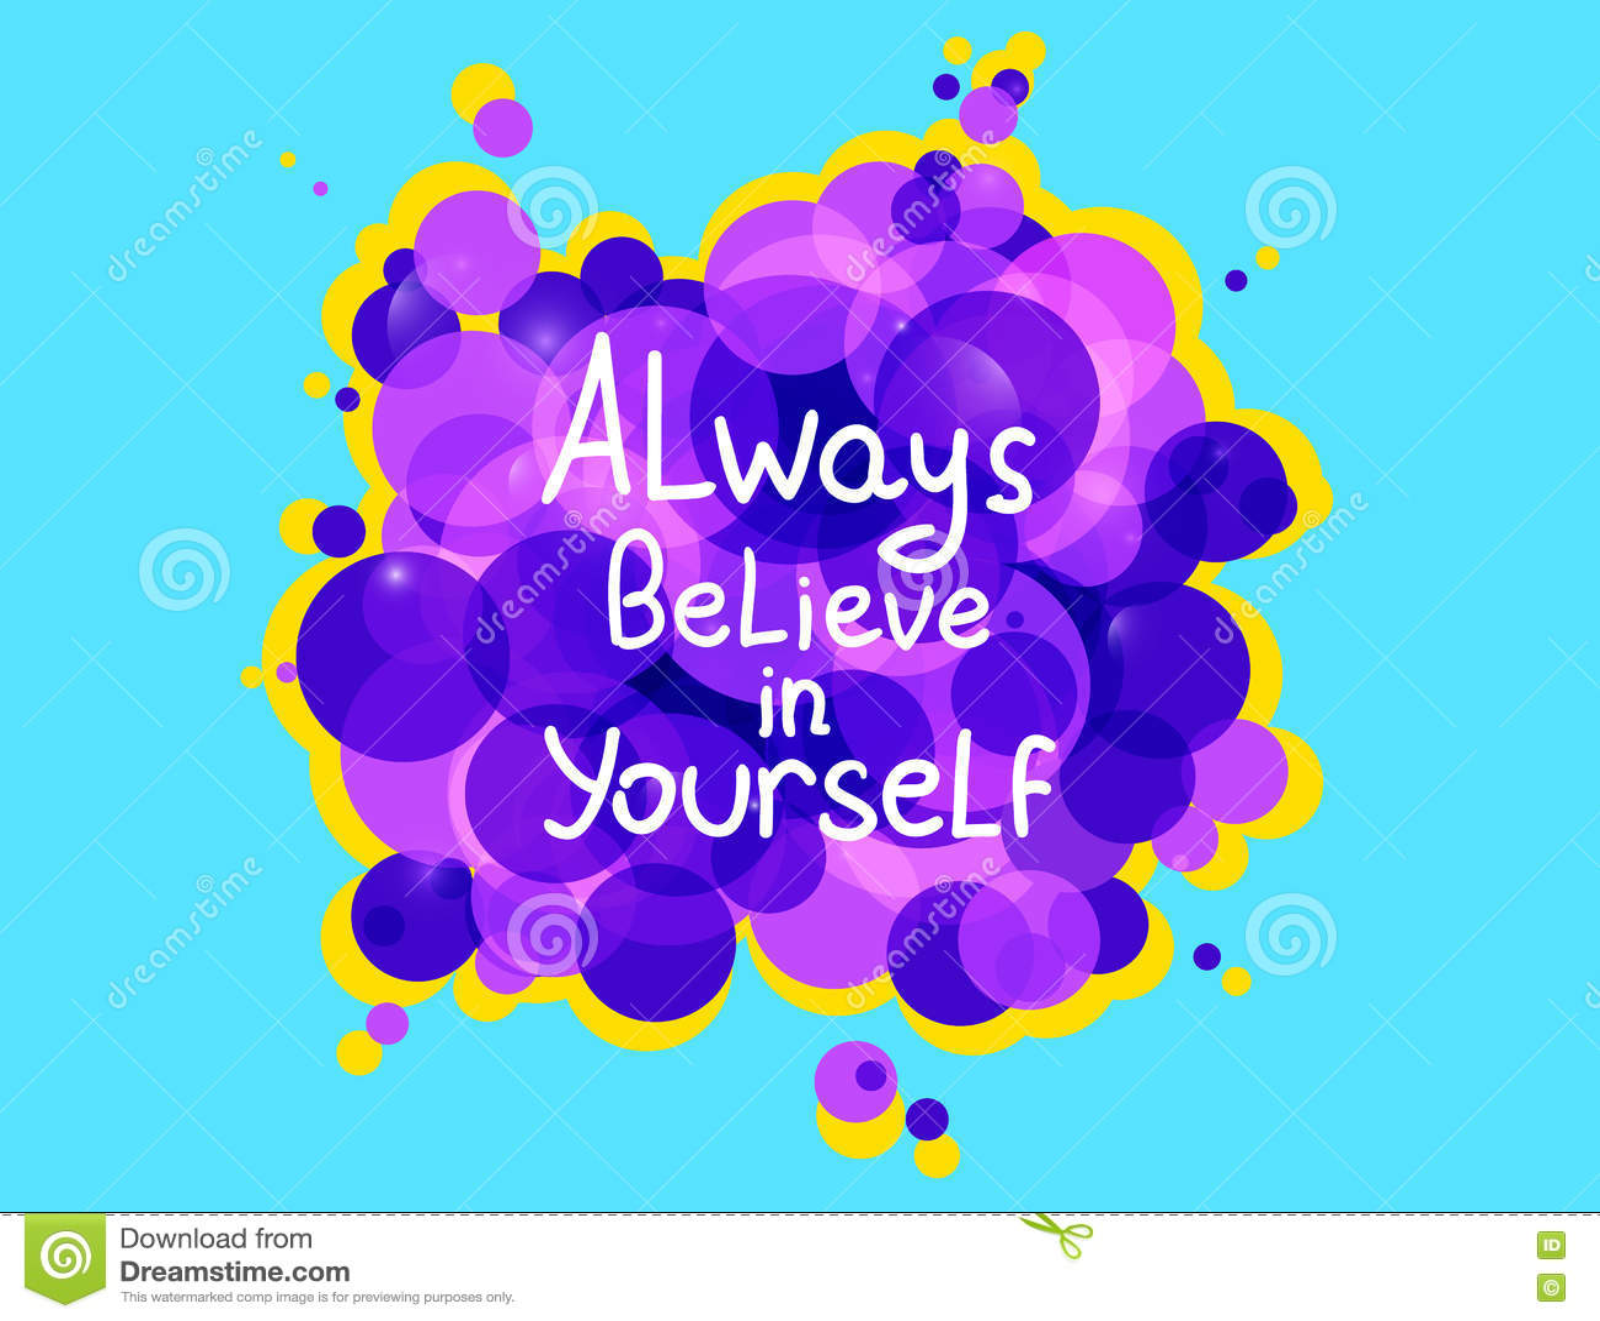 Croyez toujours en vous-même Conception inspirée calligraphique de vecteur